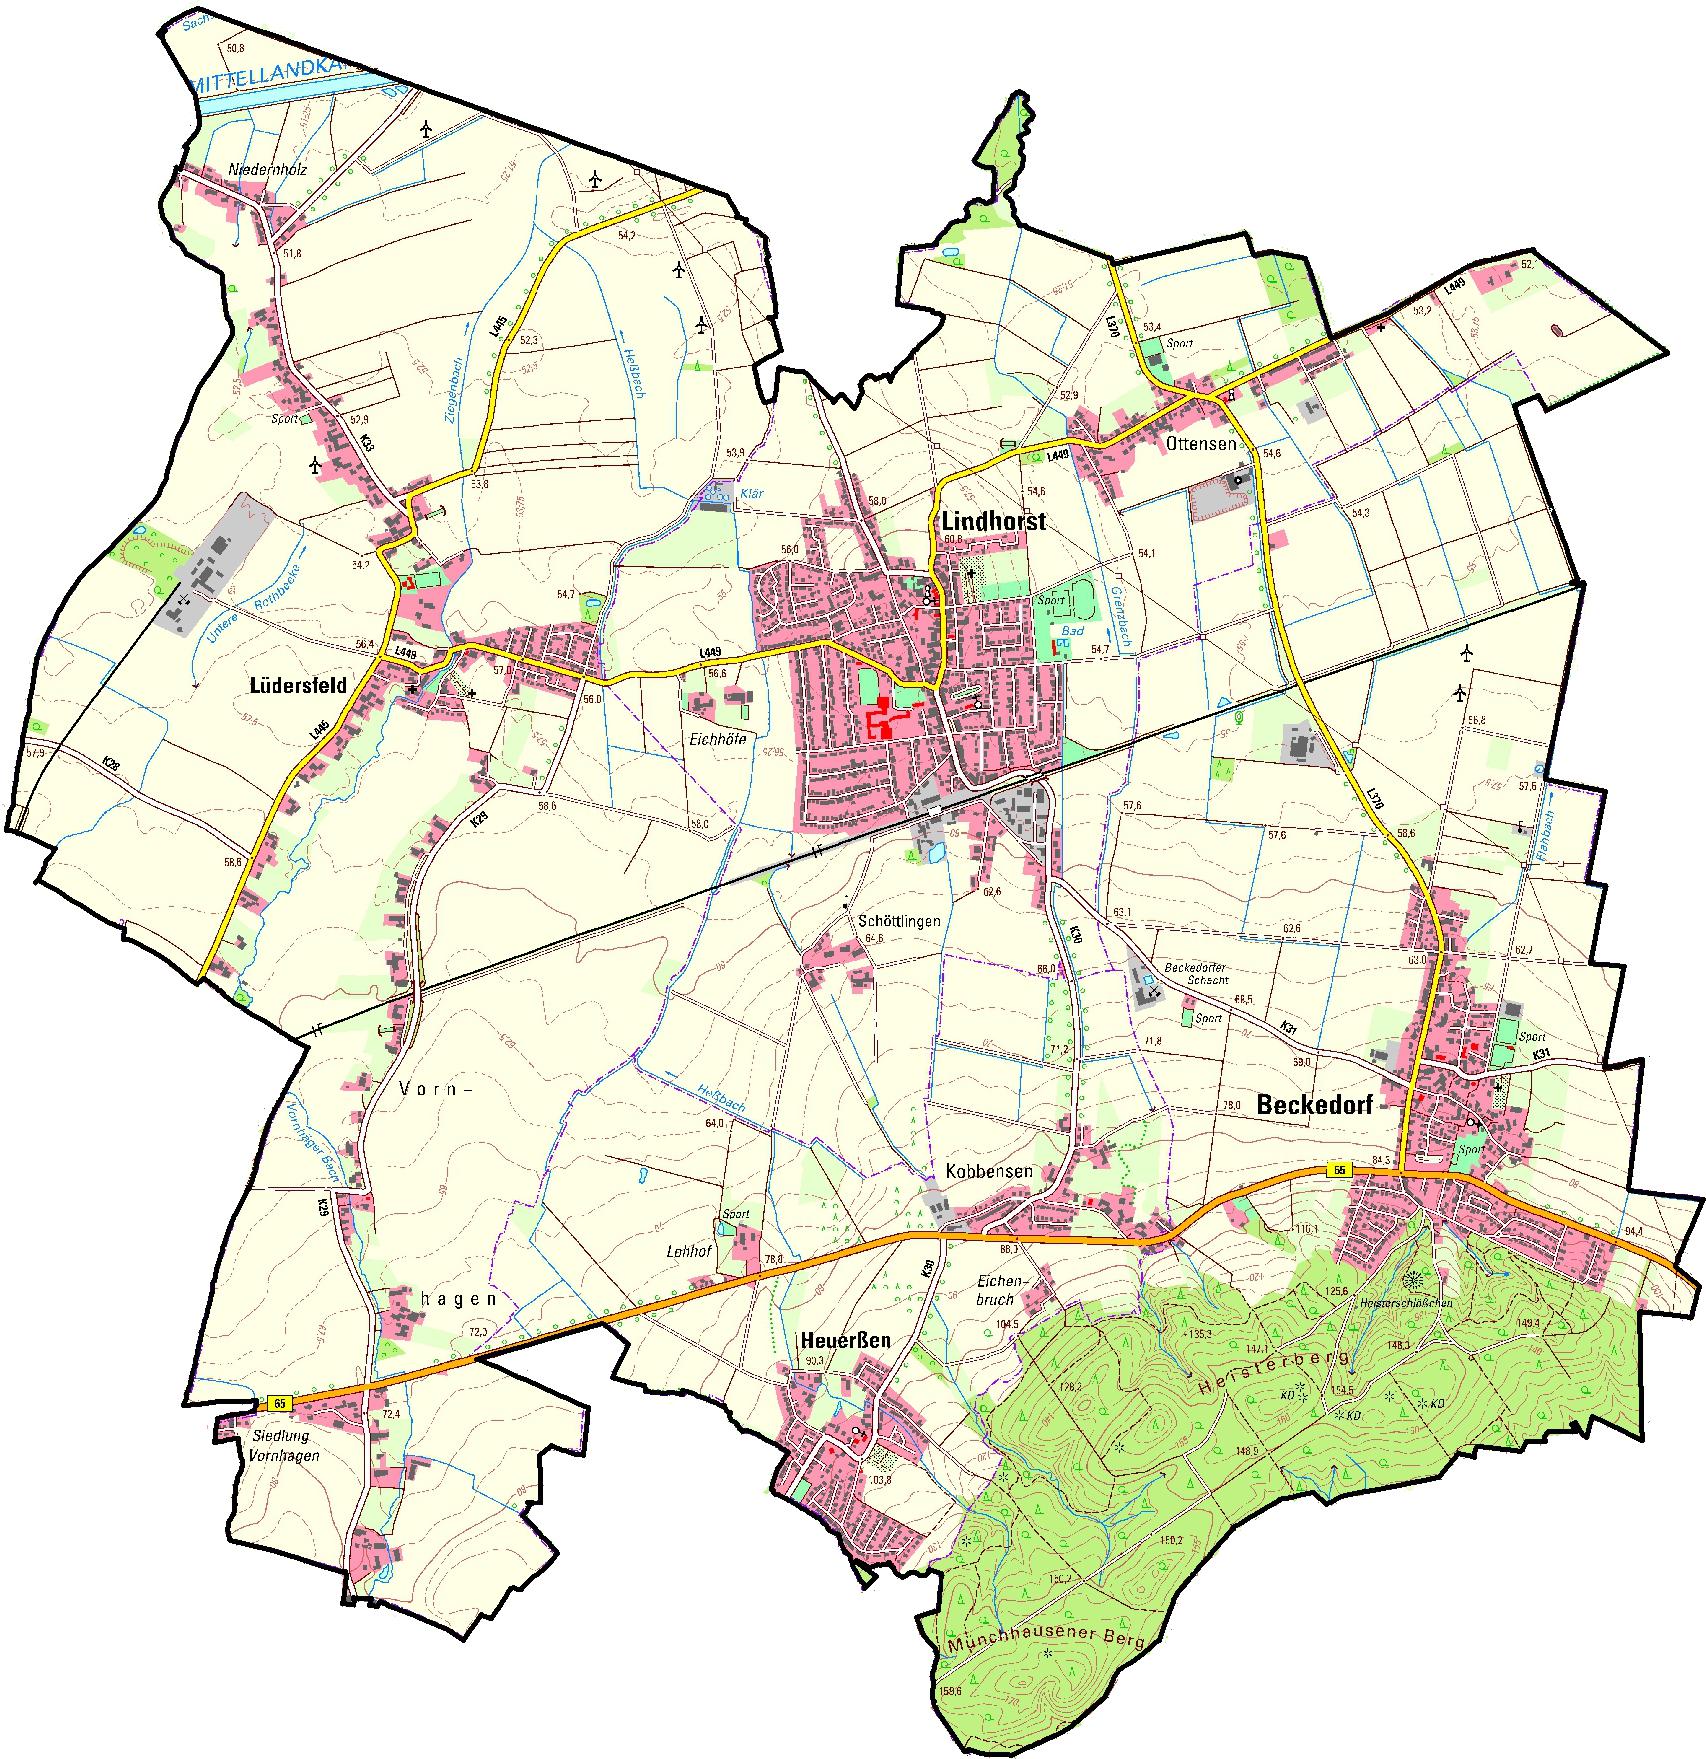 Samtgemeinde_Lindhorst_freigestellt